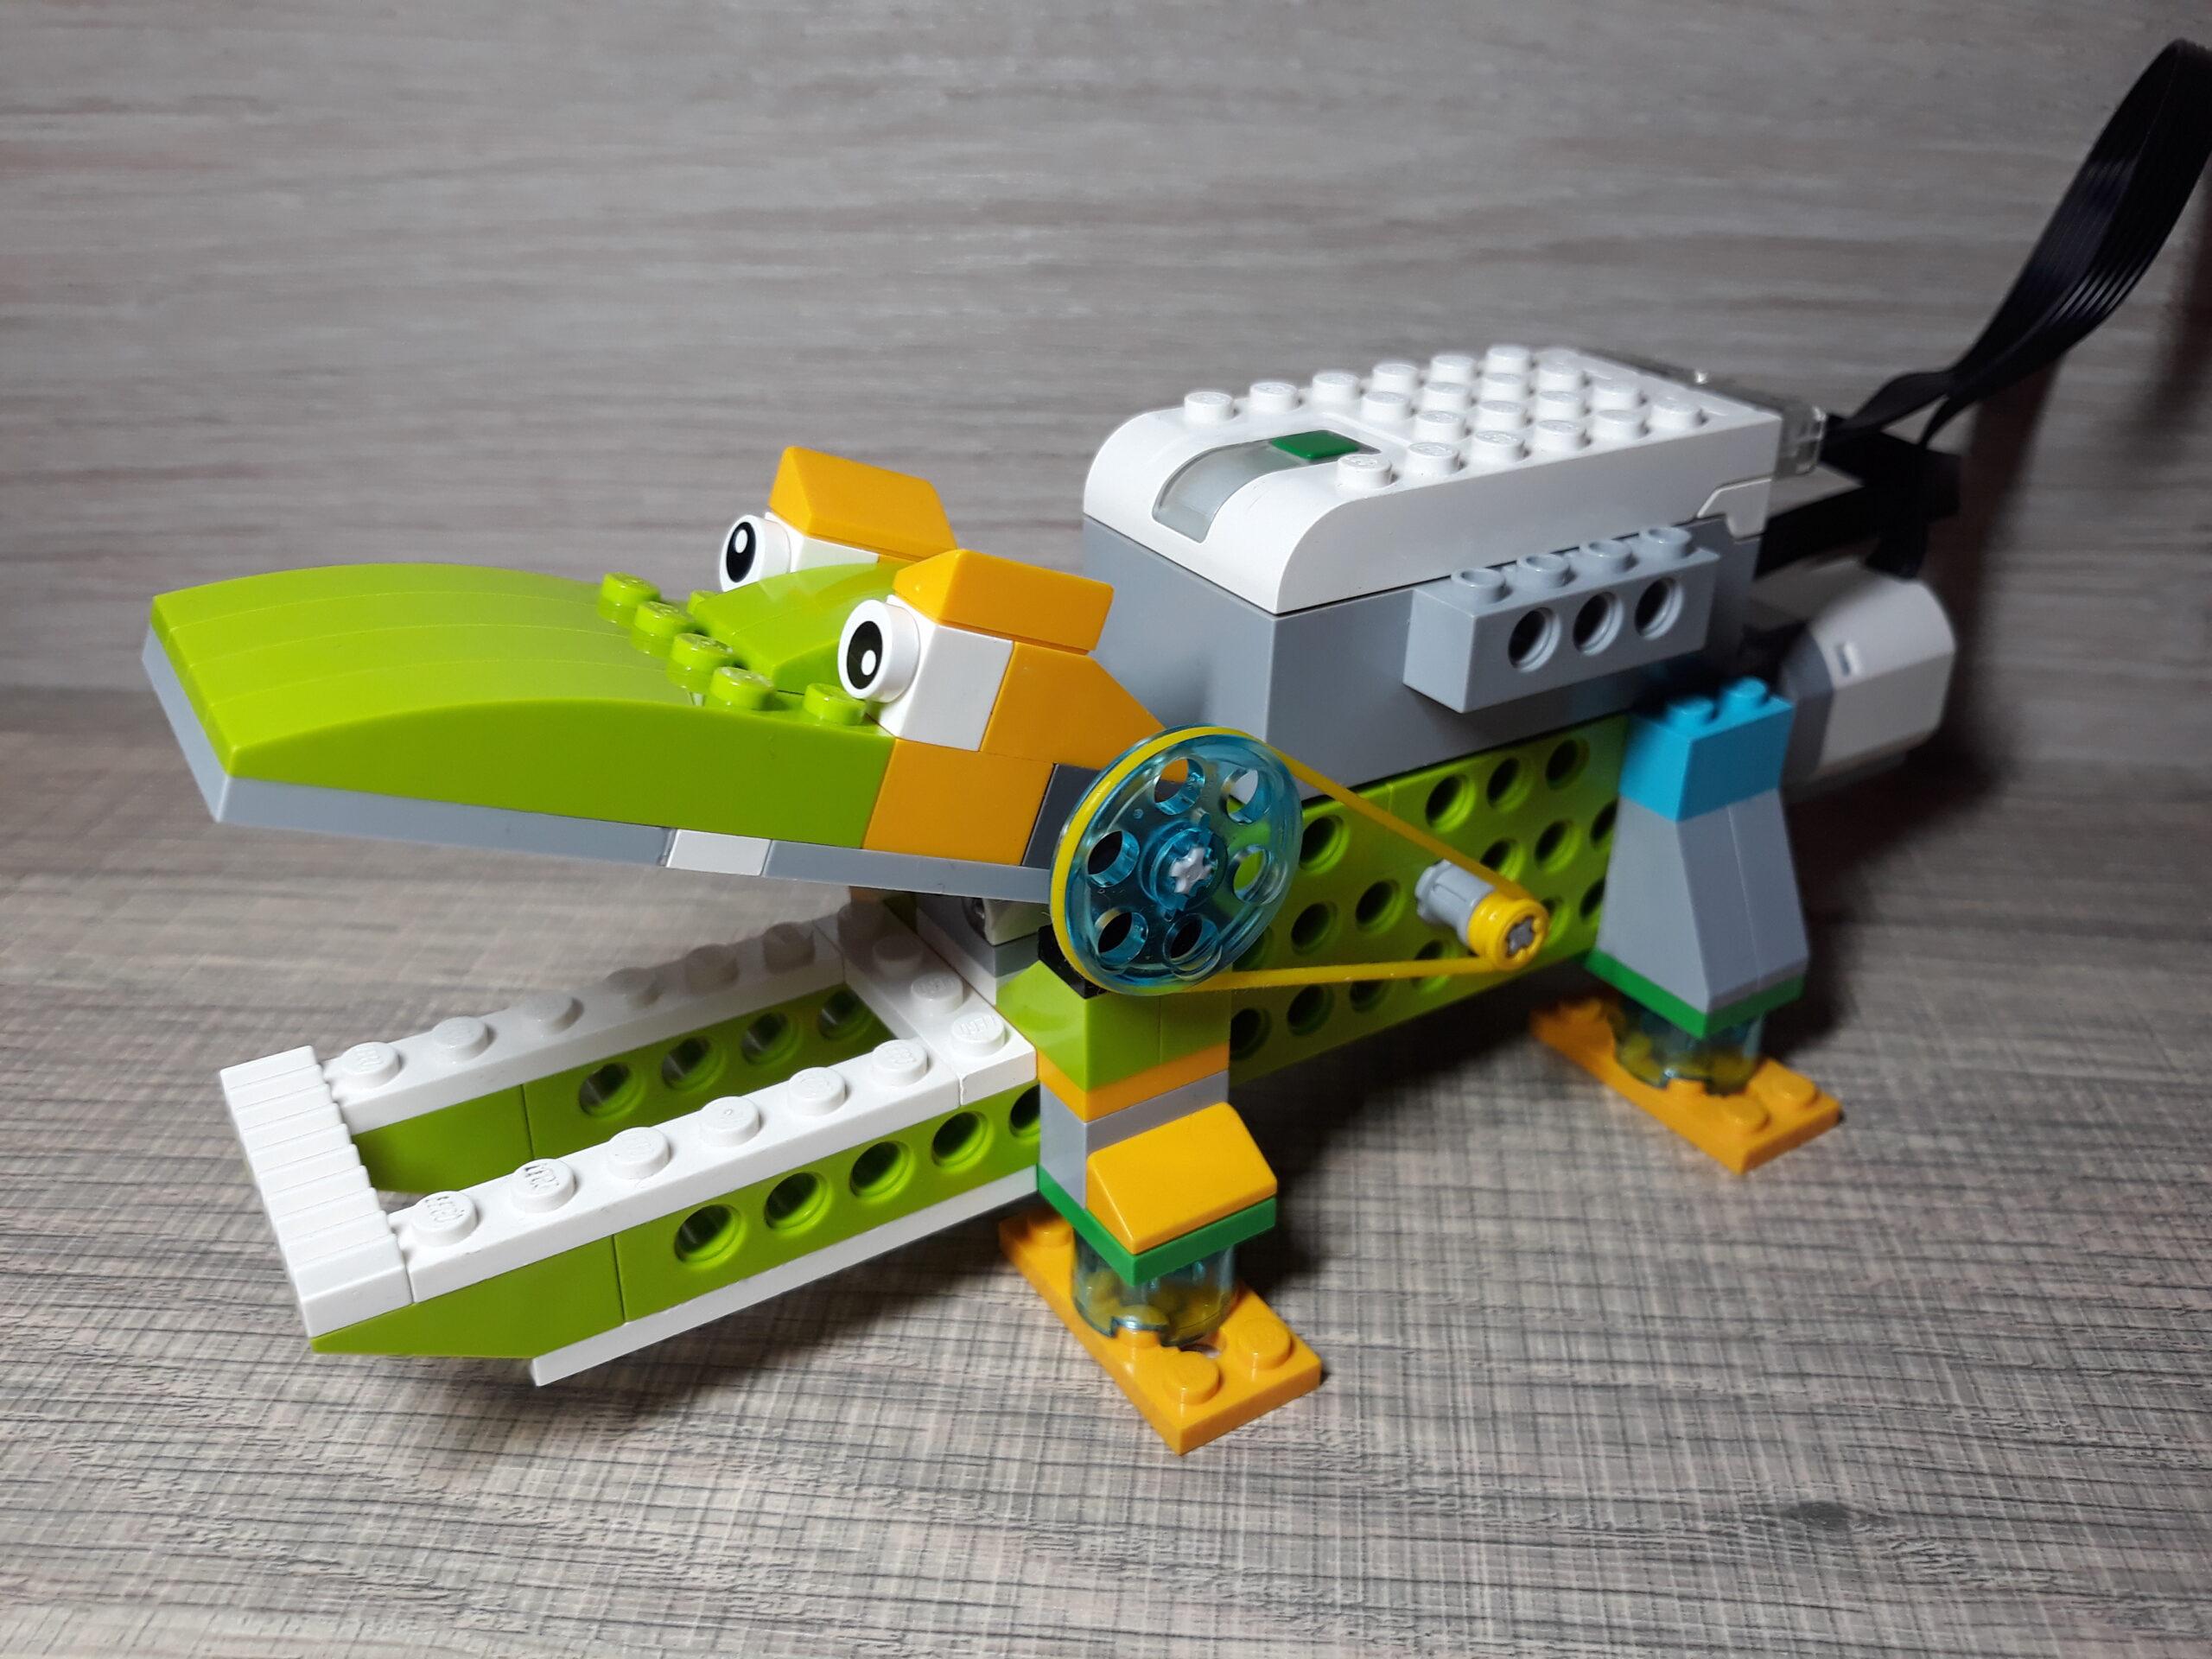 Инструкция по сборке WeDo 2.0 крокодил